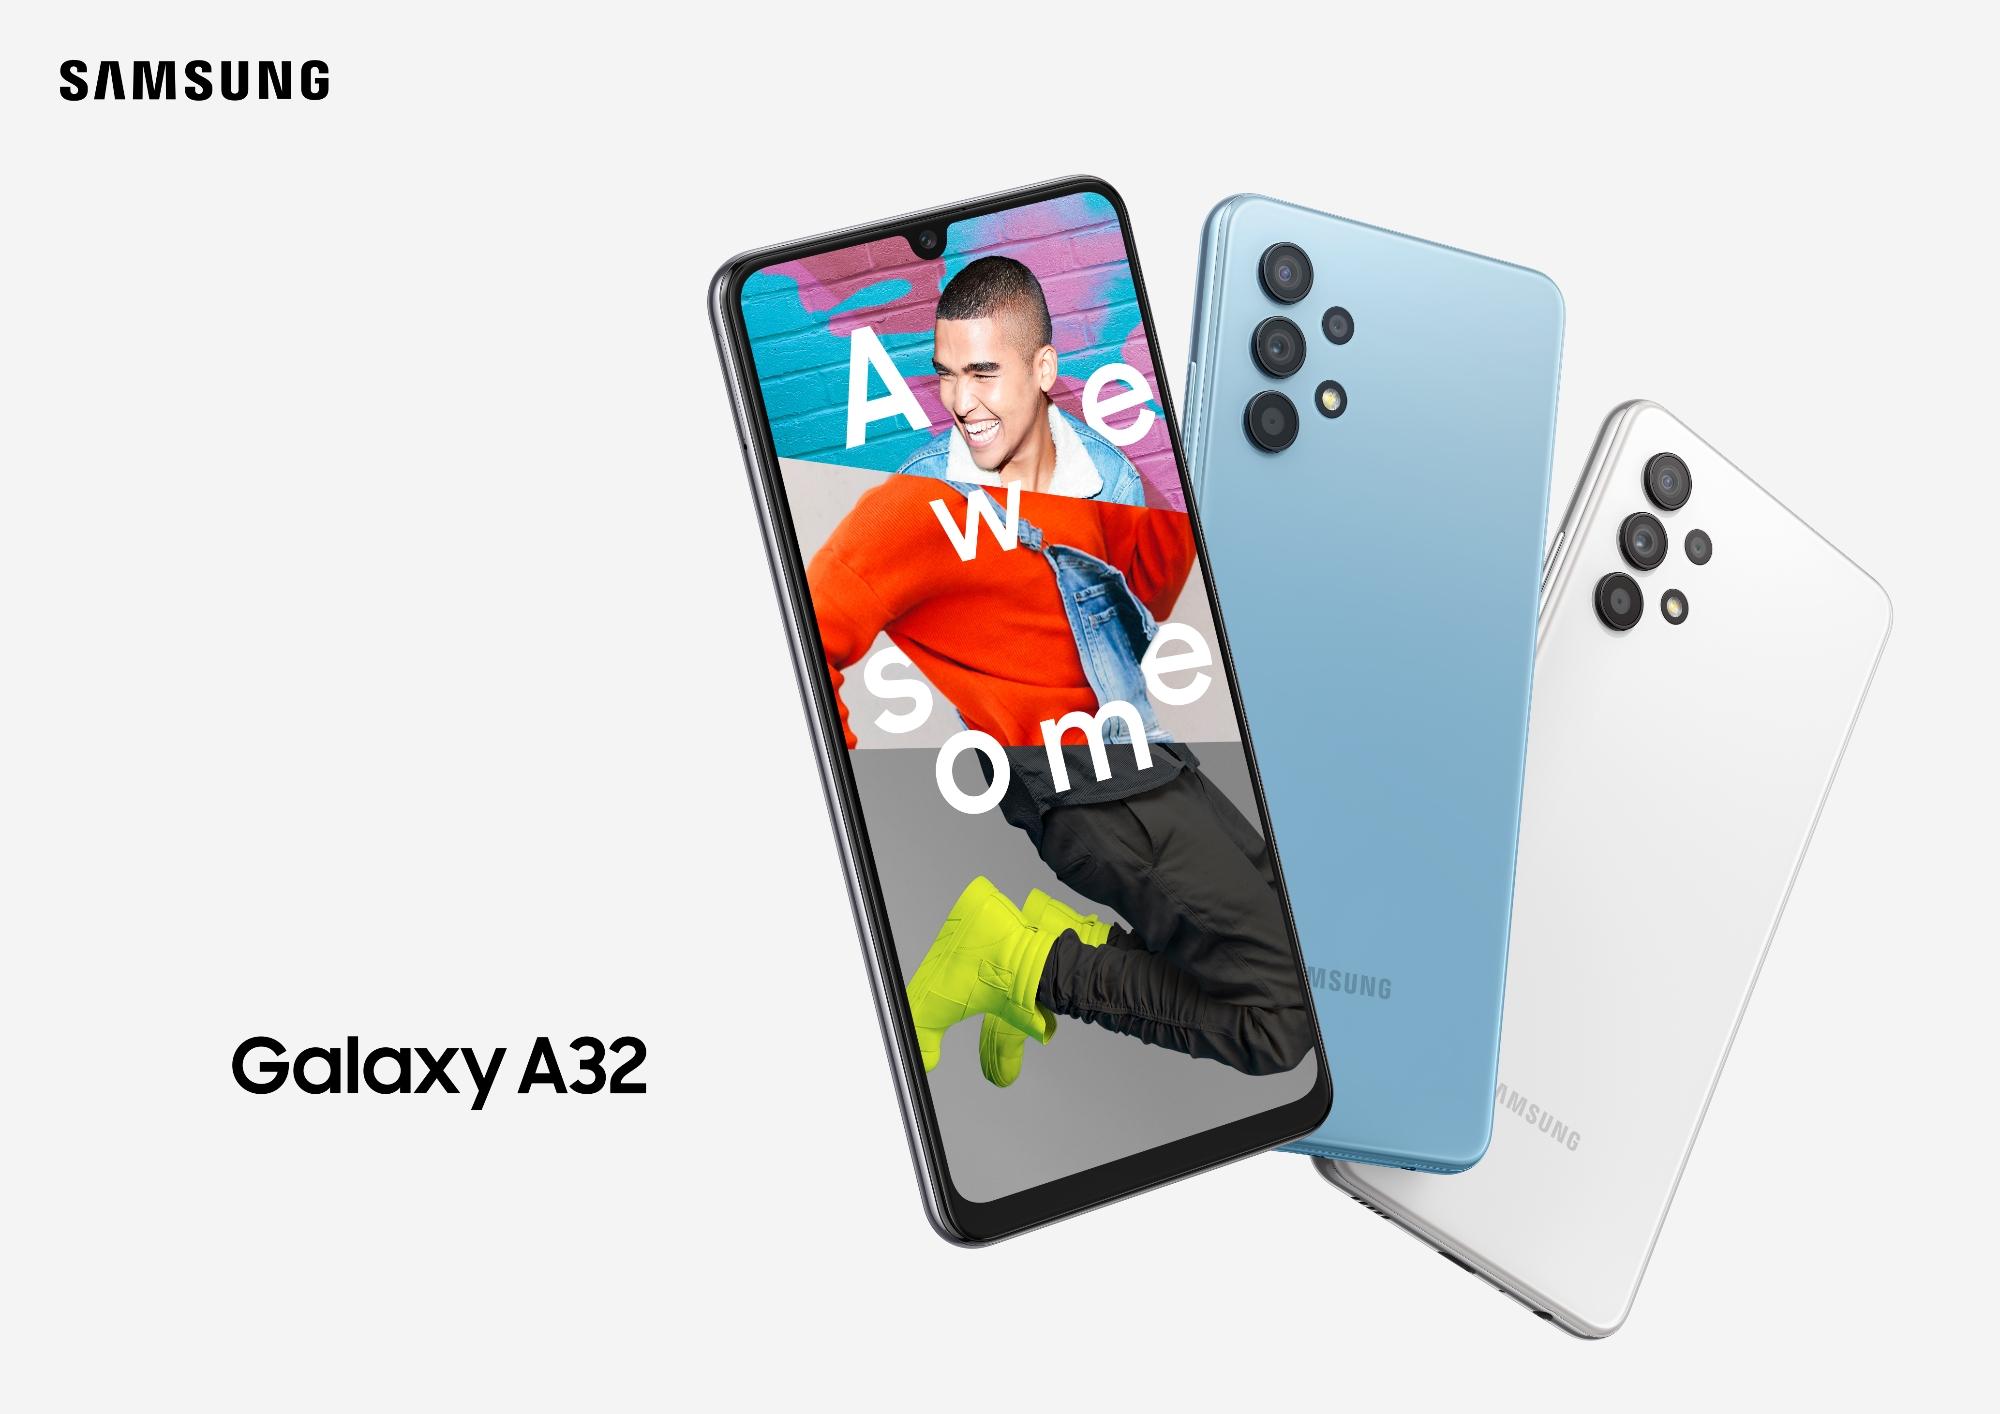 ⚡Samsung Galaxy A32 4G: первый 📱 смартфон A-серии c AMOLED-дисплеем на 90 Гц 👍